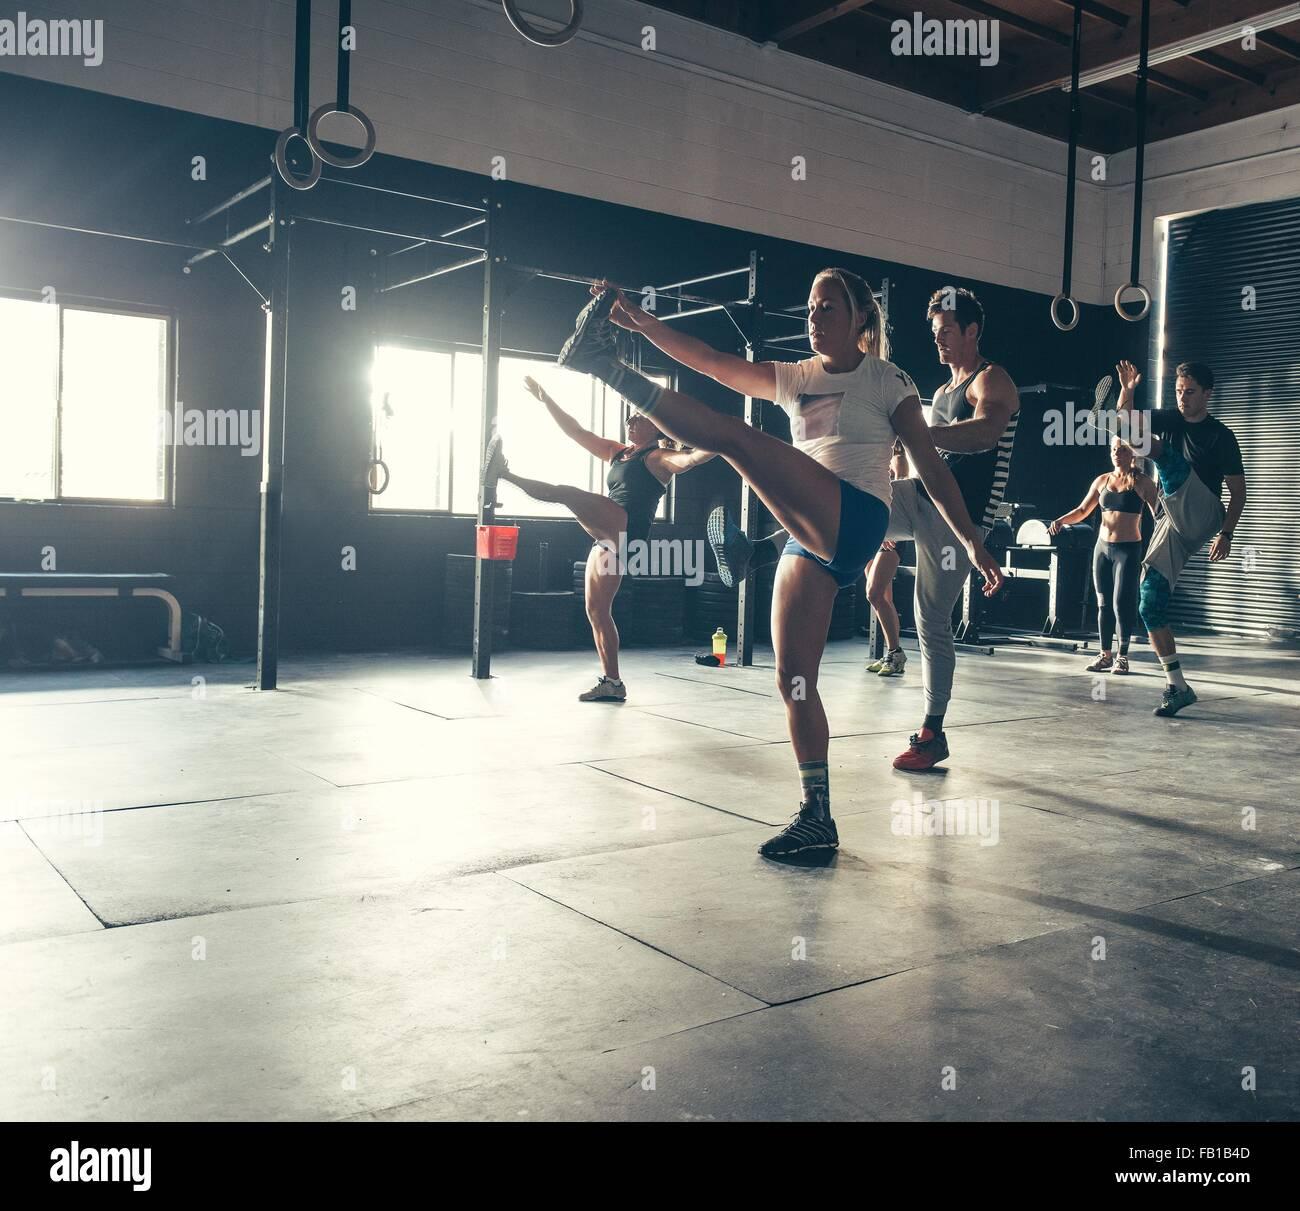 Los hombres y mujeres ejerzan juntos en el gimnasio Imagen De Stock